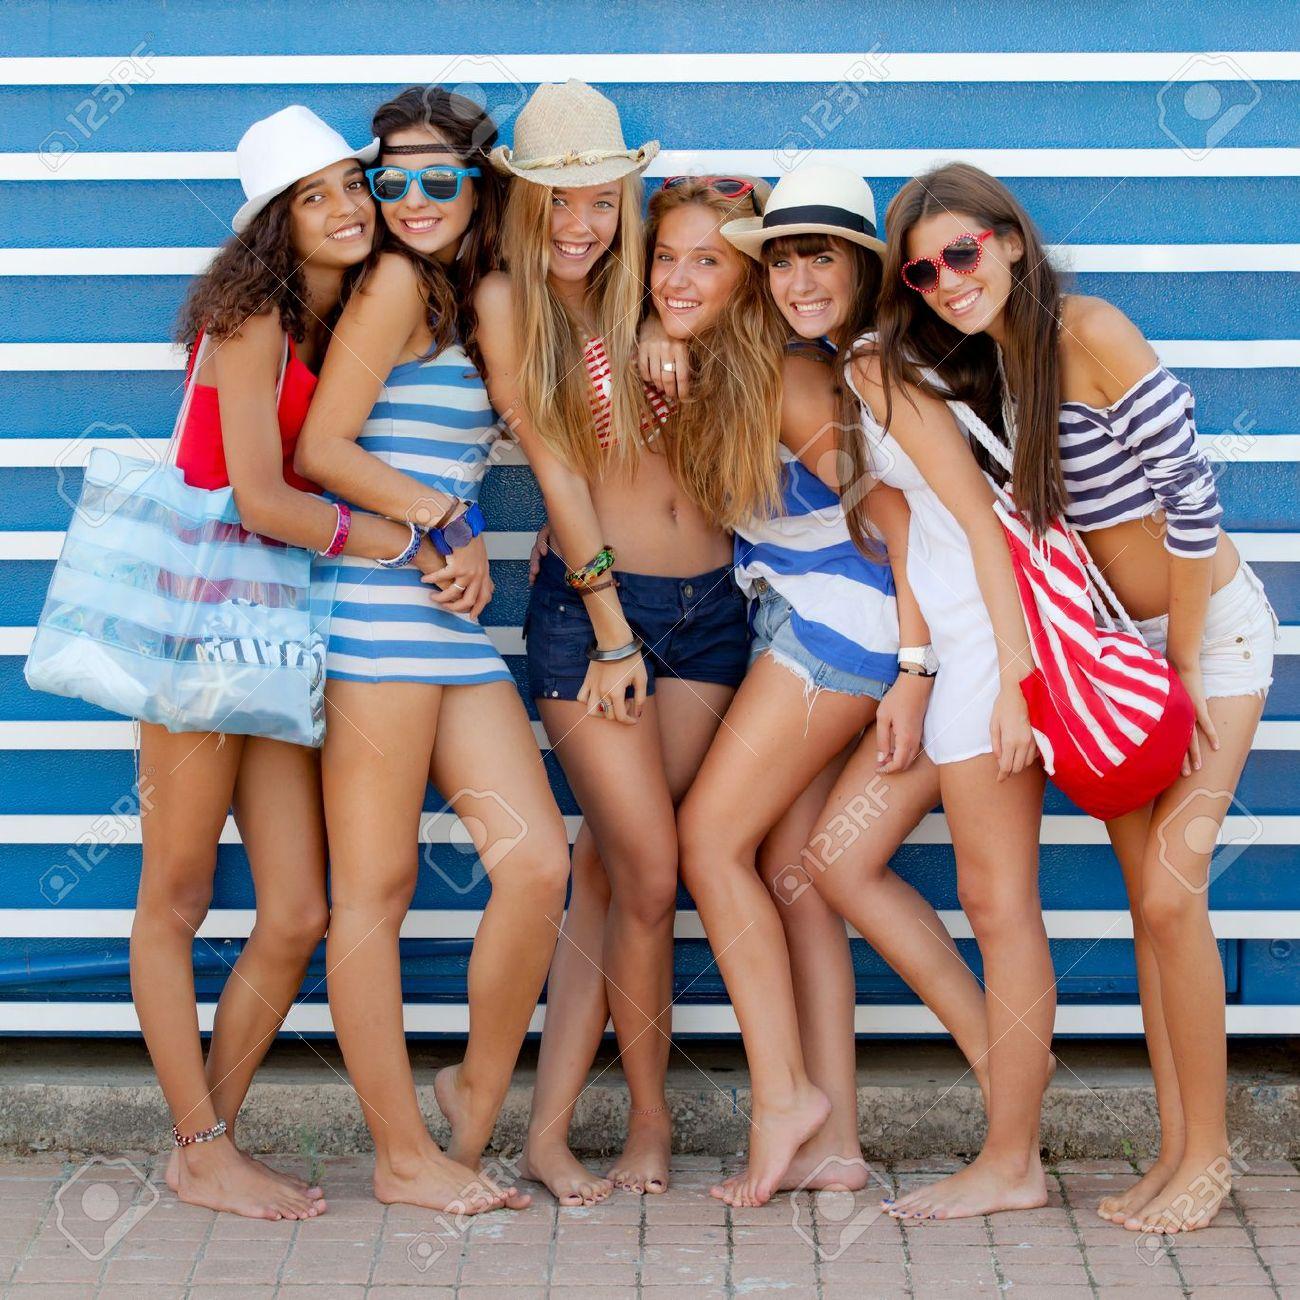 Girls summer photos 32